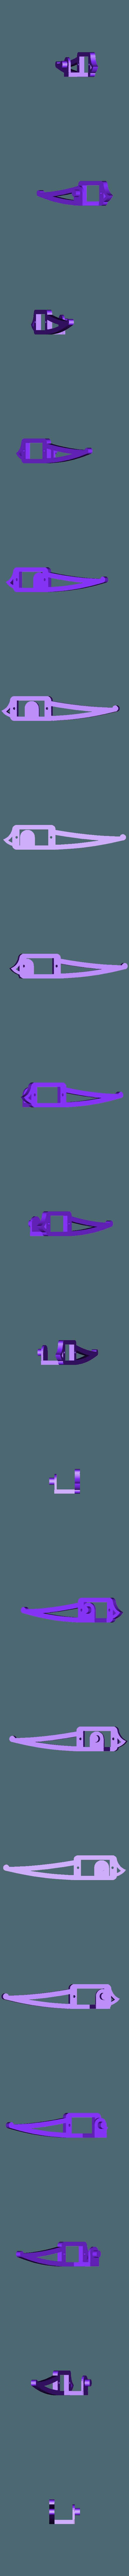 tibia_l_MG90.stl Télécharger fichier STL gratuit Robot Spider Bug (robot quadrupède, quadrupède)-MG90 • Design pour impression 3D, kasinatorhh